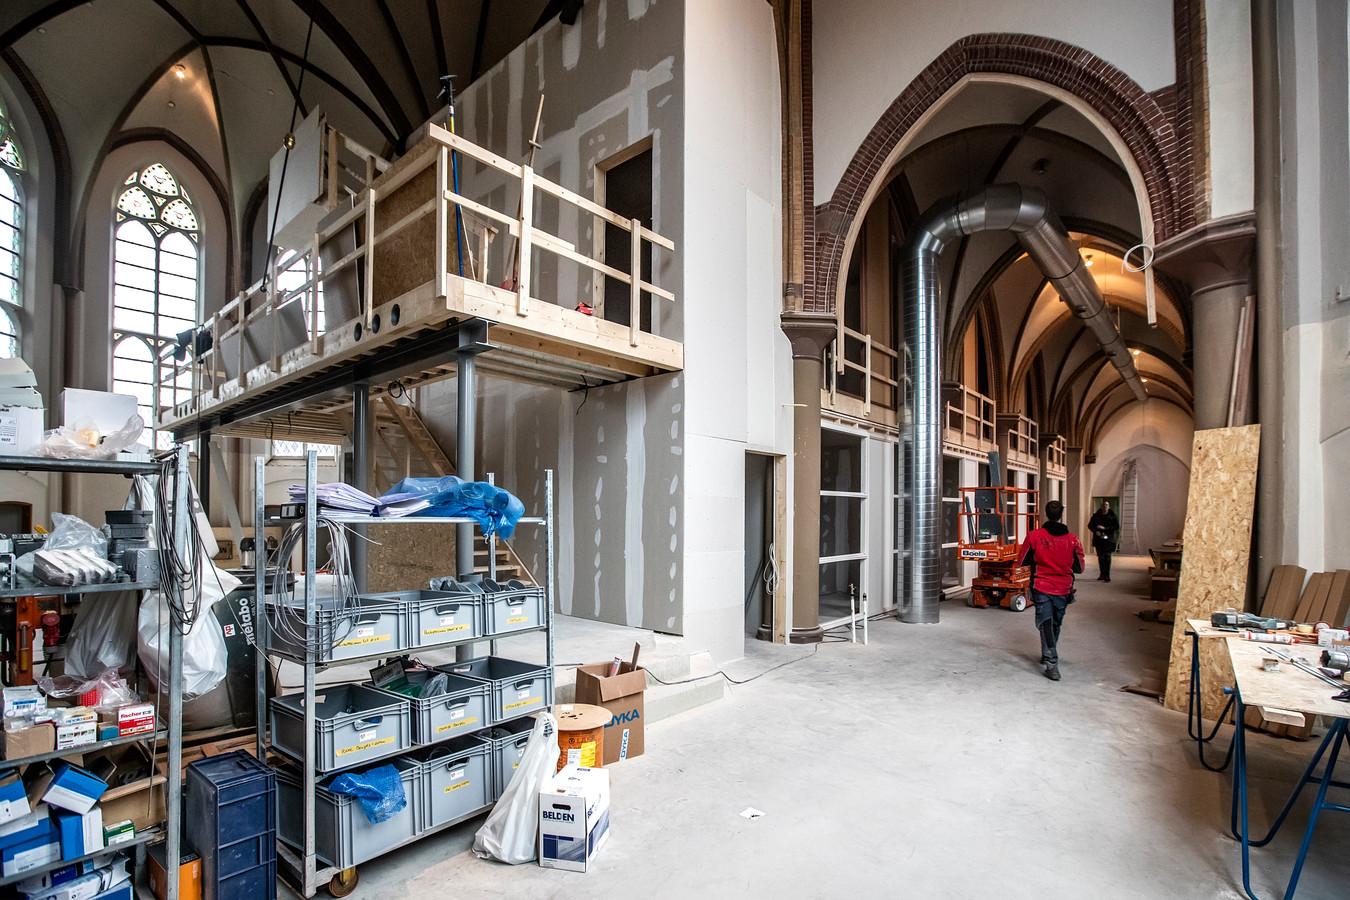 Het is een grote bouwplaats: de werkmensen hebben kratten vol spullen staan, die langzamerhand allemaal in het gebouw verdwijnen. Over ruim twee maanden moet het klaar zijn.